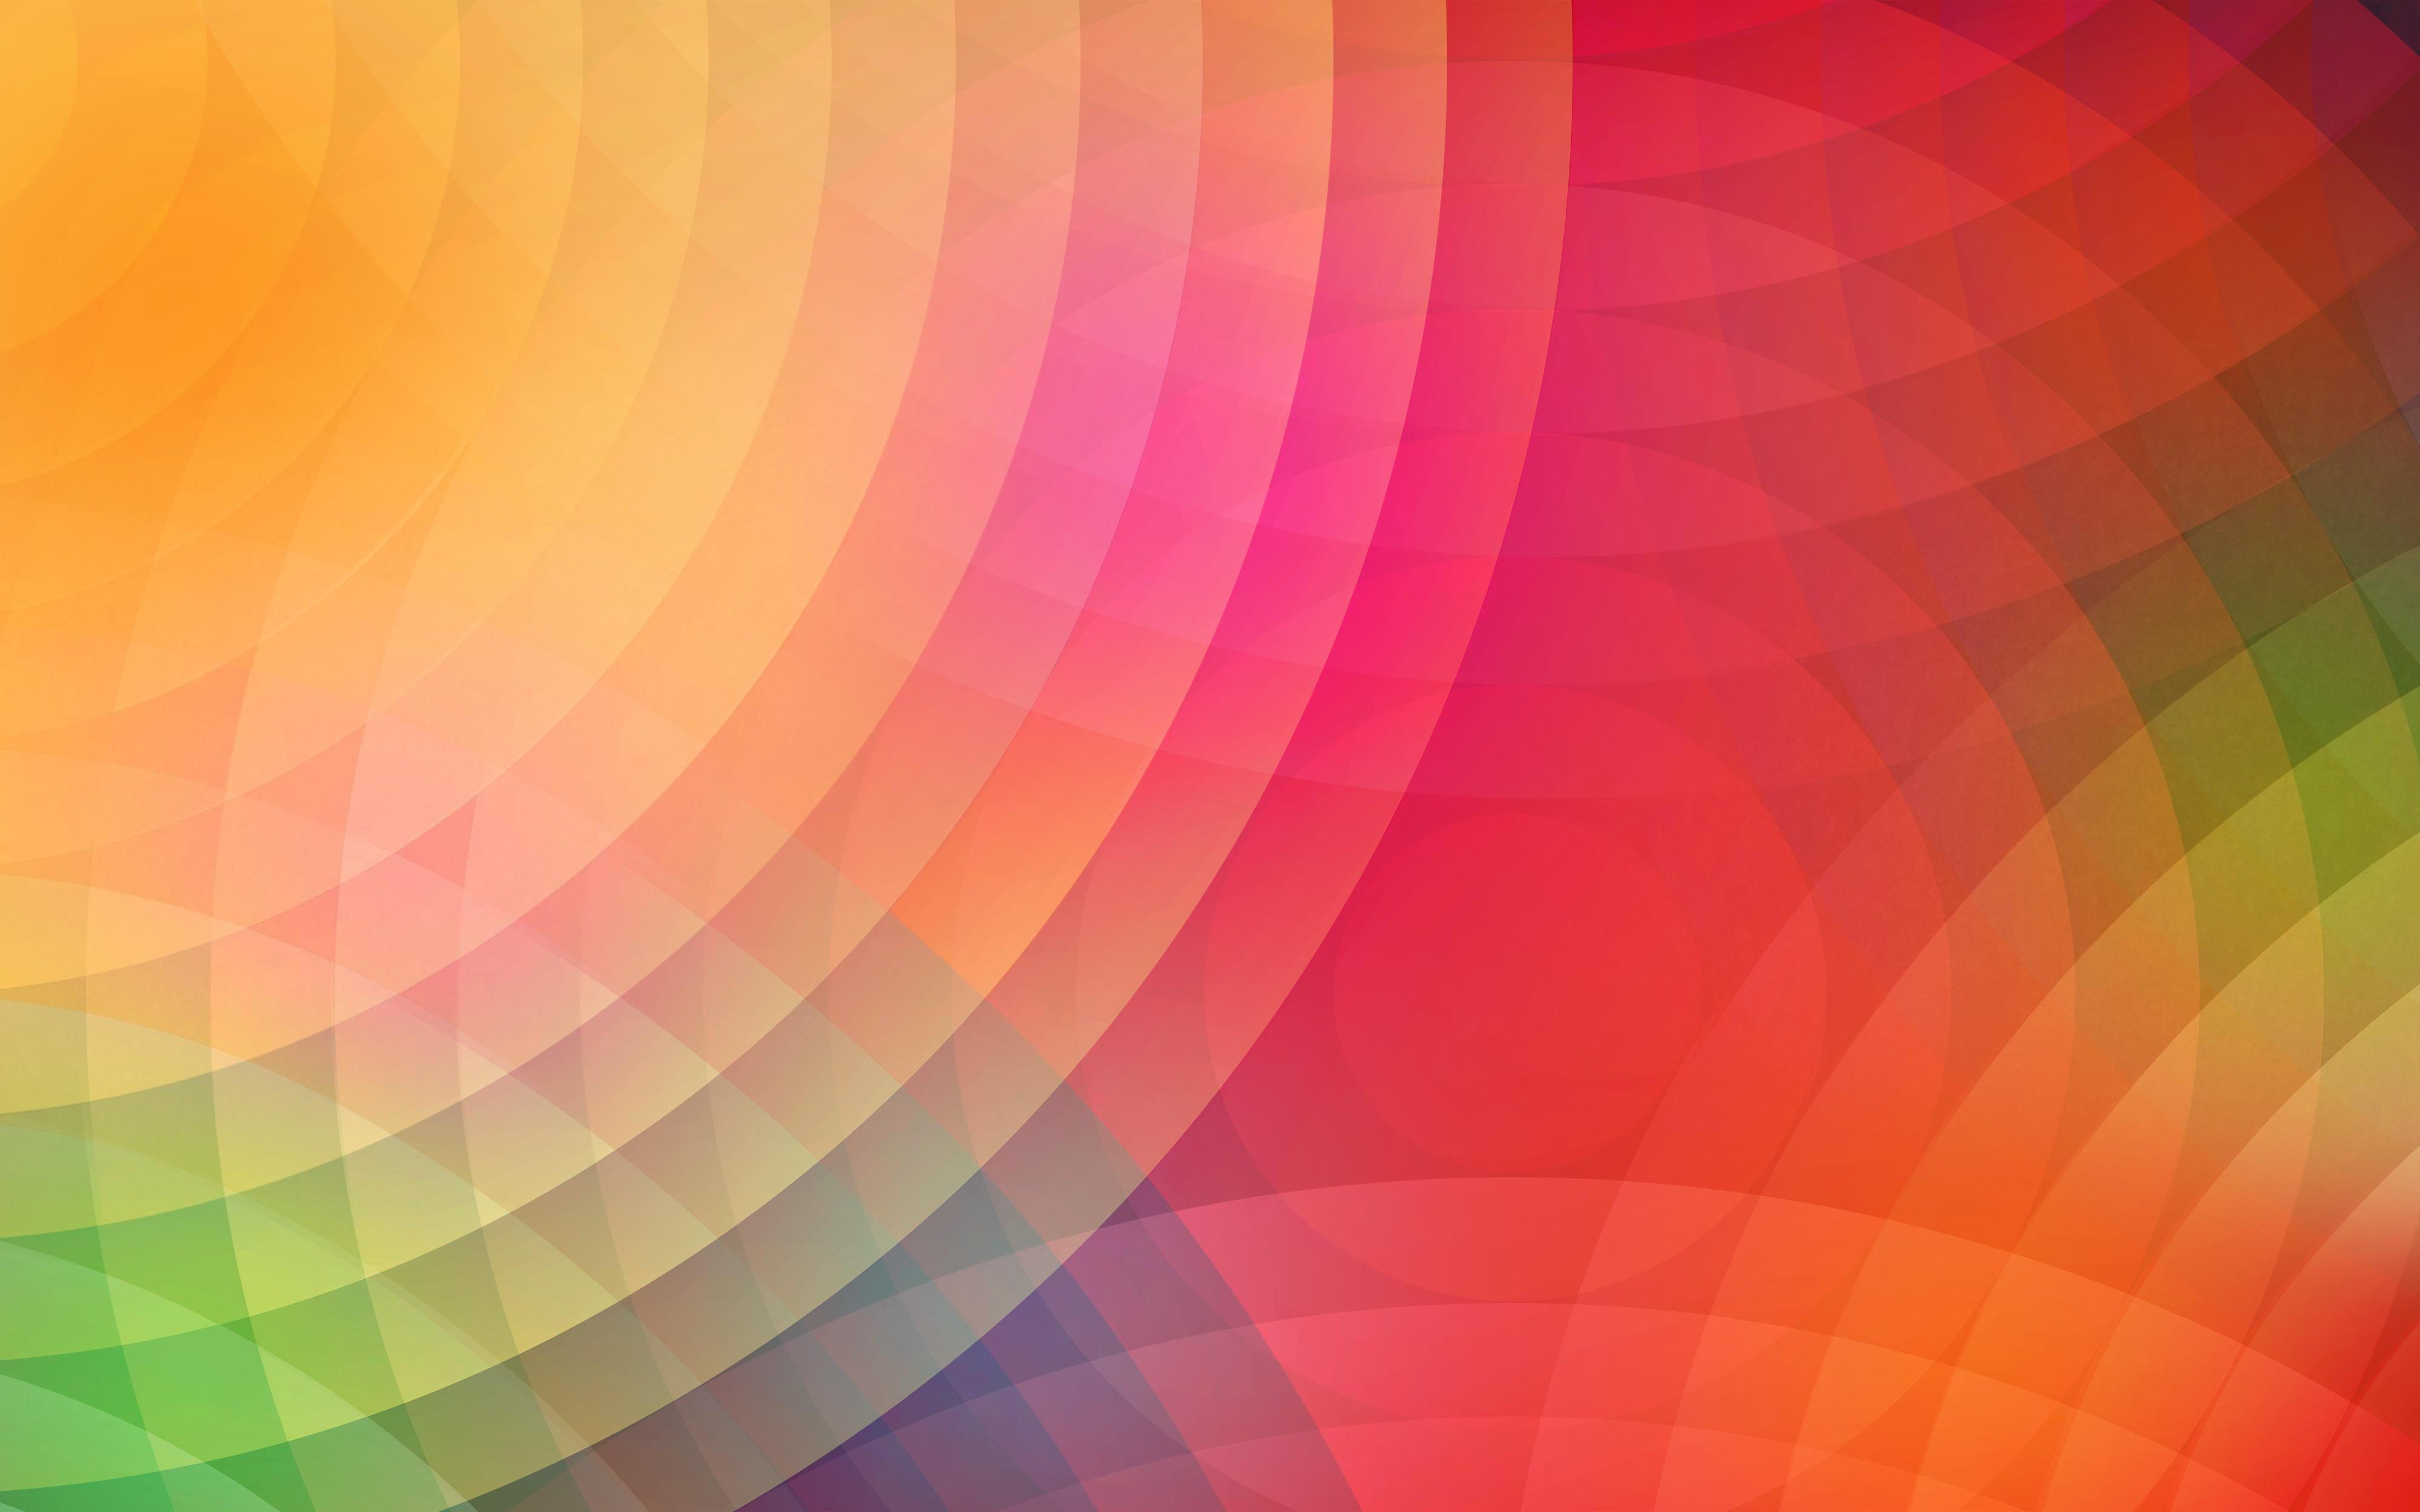 Nexus Wallpapers download on digitalimagemakerworldcom 4000x2500